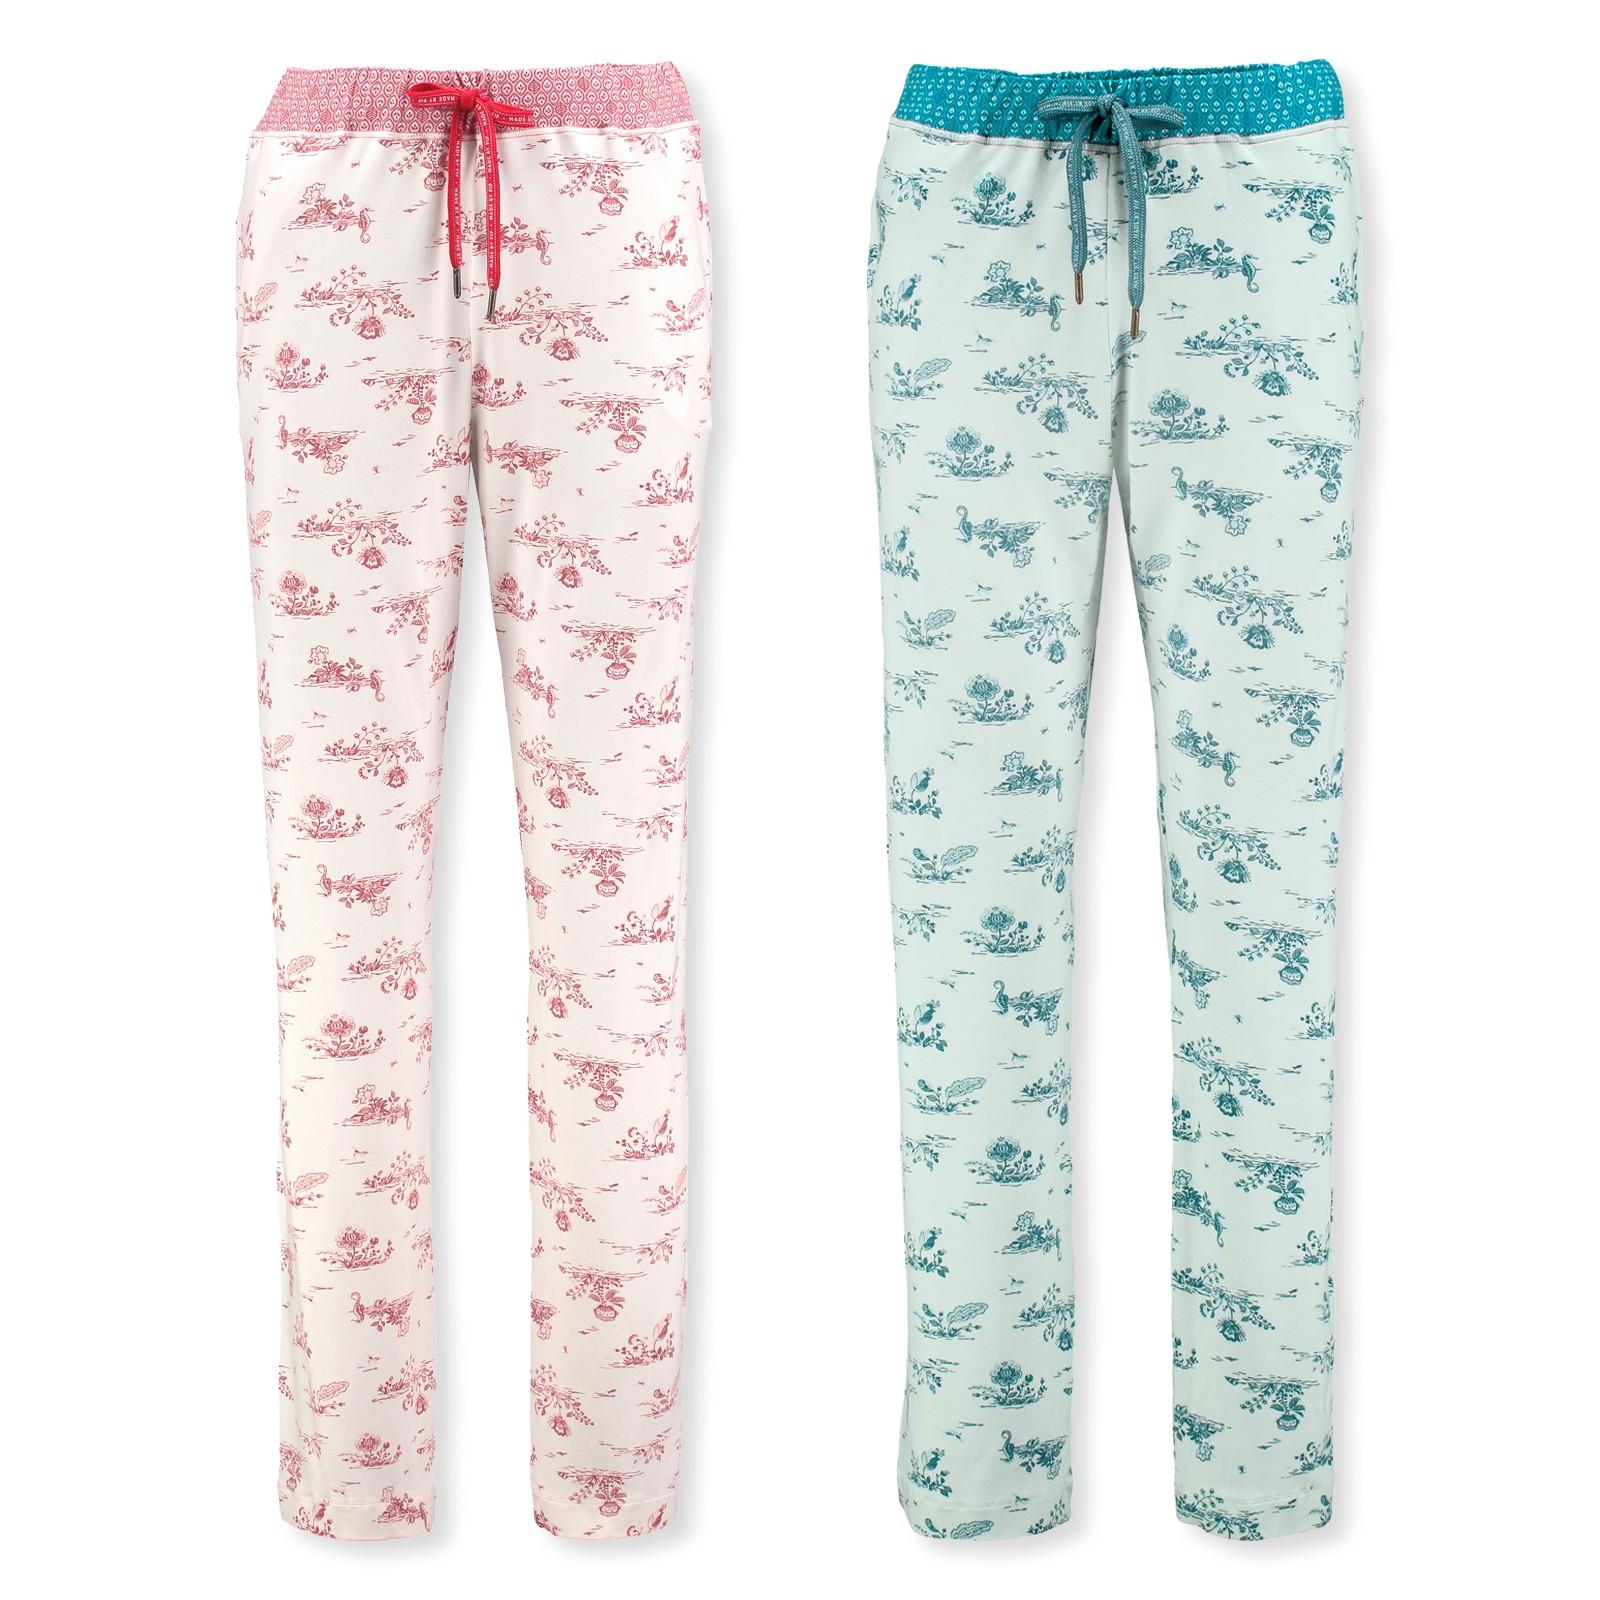 PiP Studio Damen Pyjamahose lang Pants Babbet Flow De Fleur 260557 S M L XL in pink